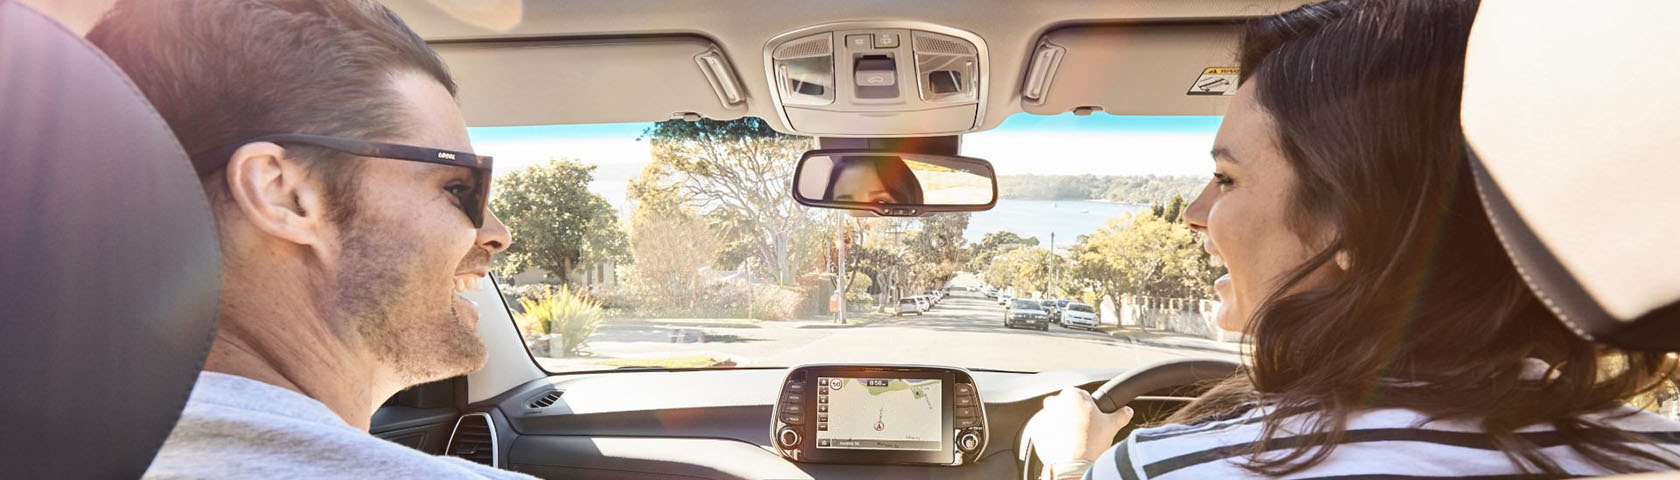 Hyundai iCare